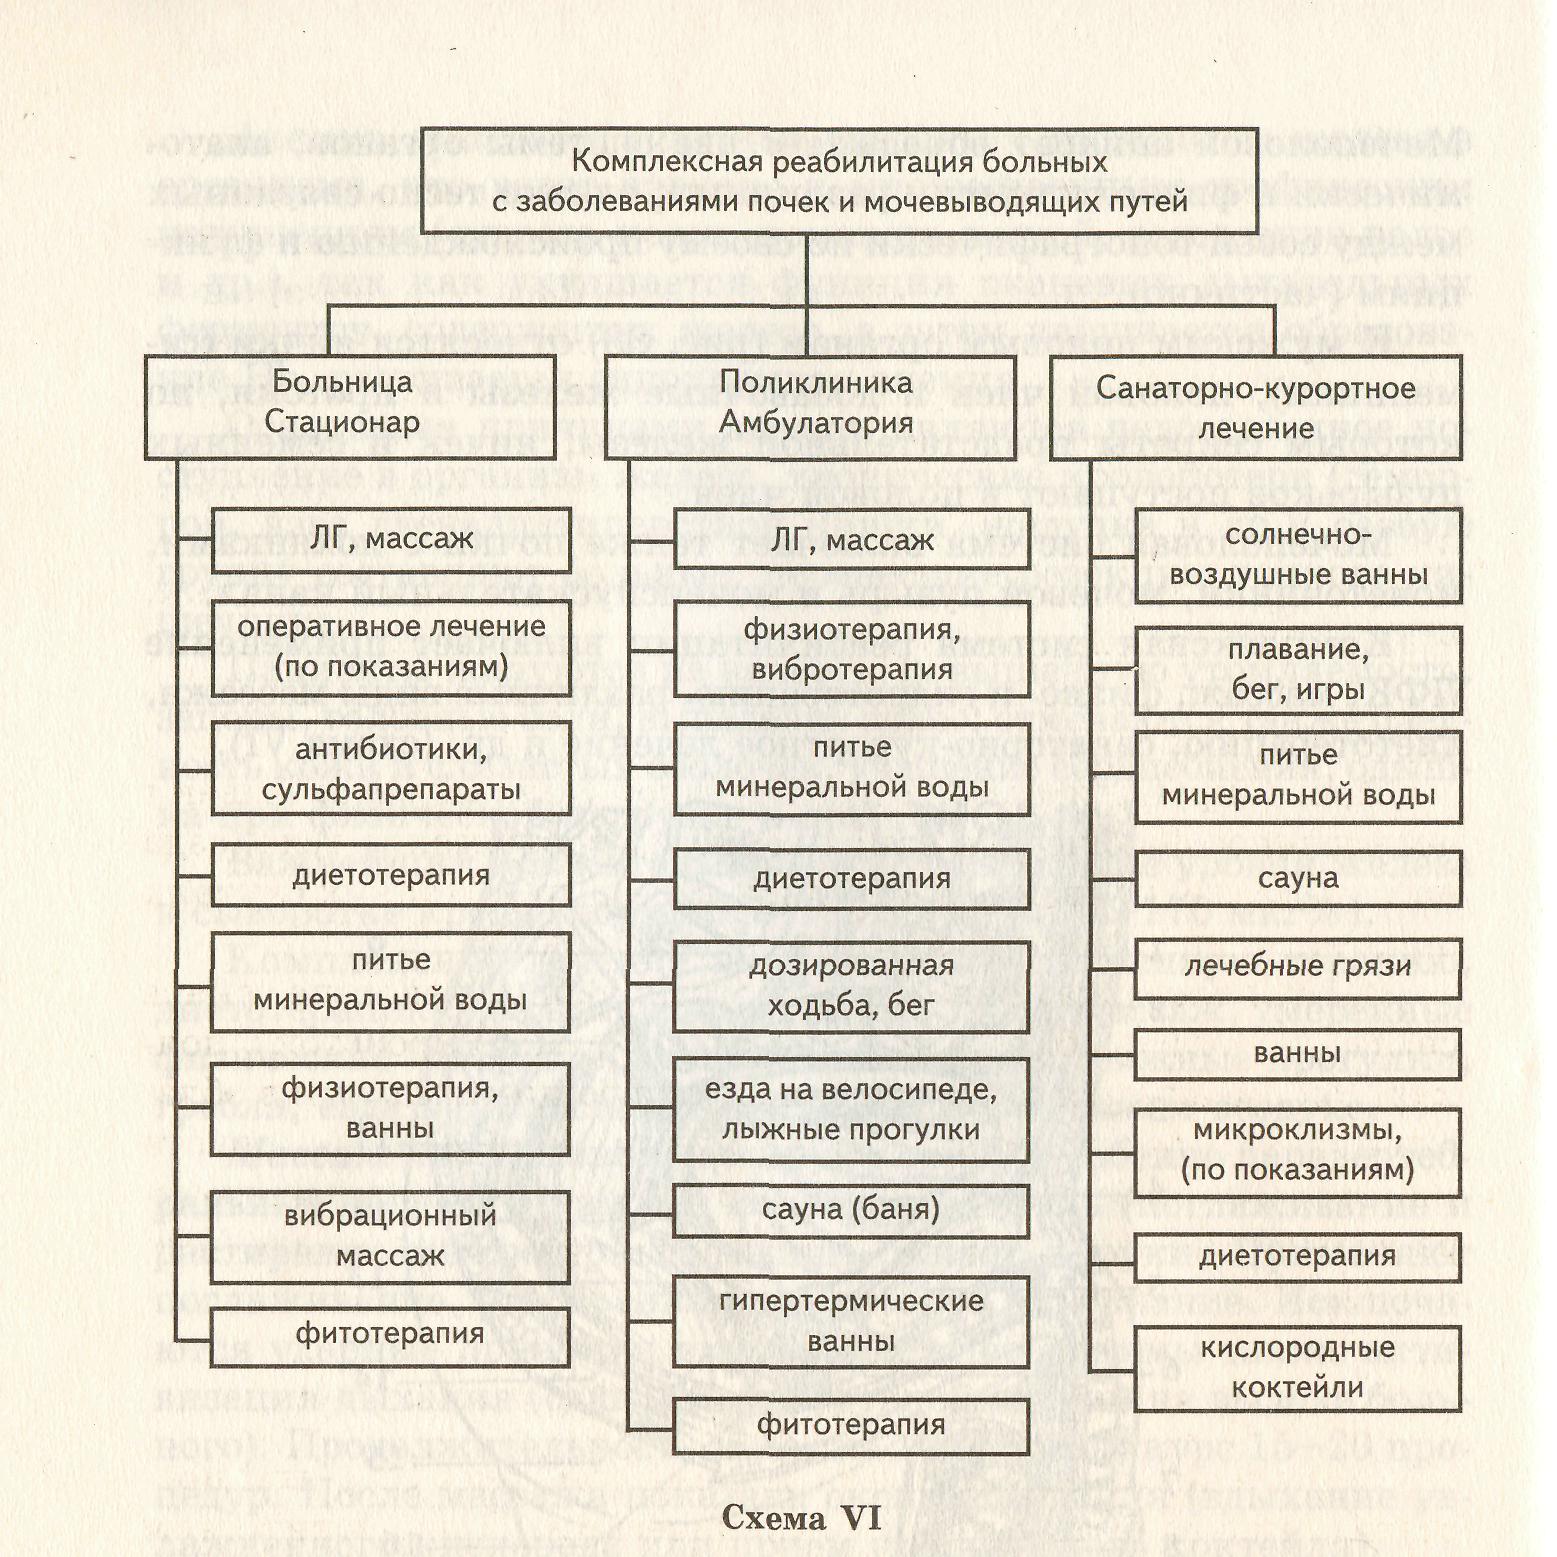 схема мочевыводящих путей